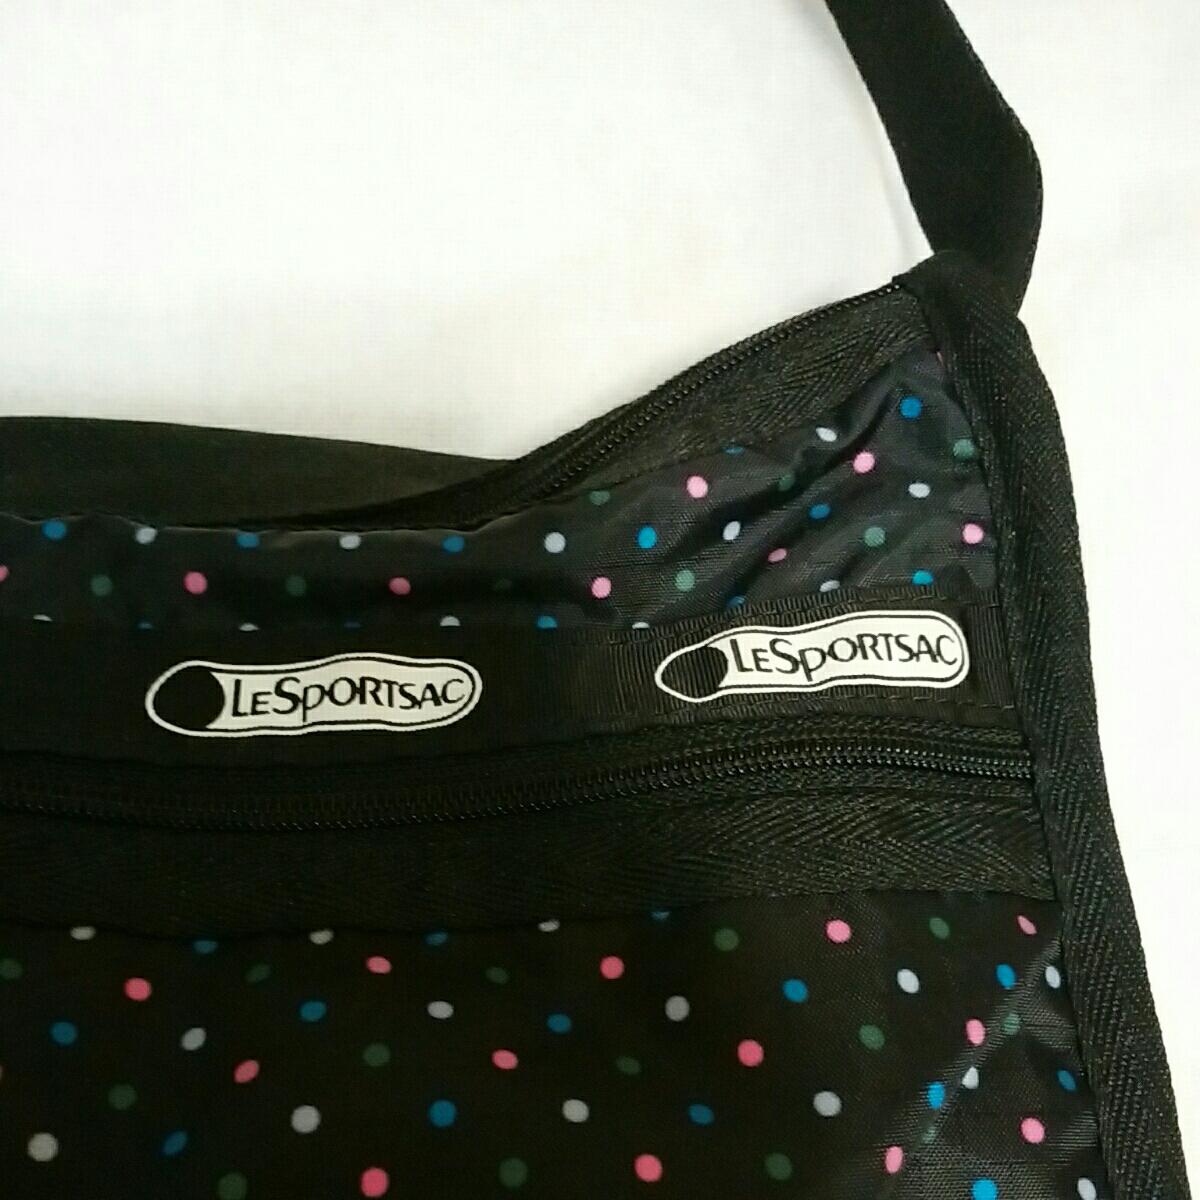 レスポートサック LeSportsac ショルダー バッグ 黒 ドット 水玉 レスポ_画像2